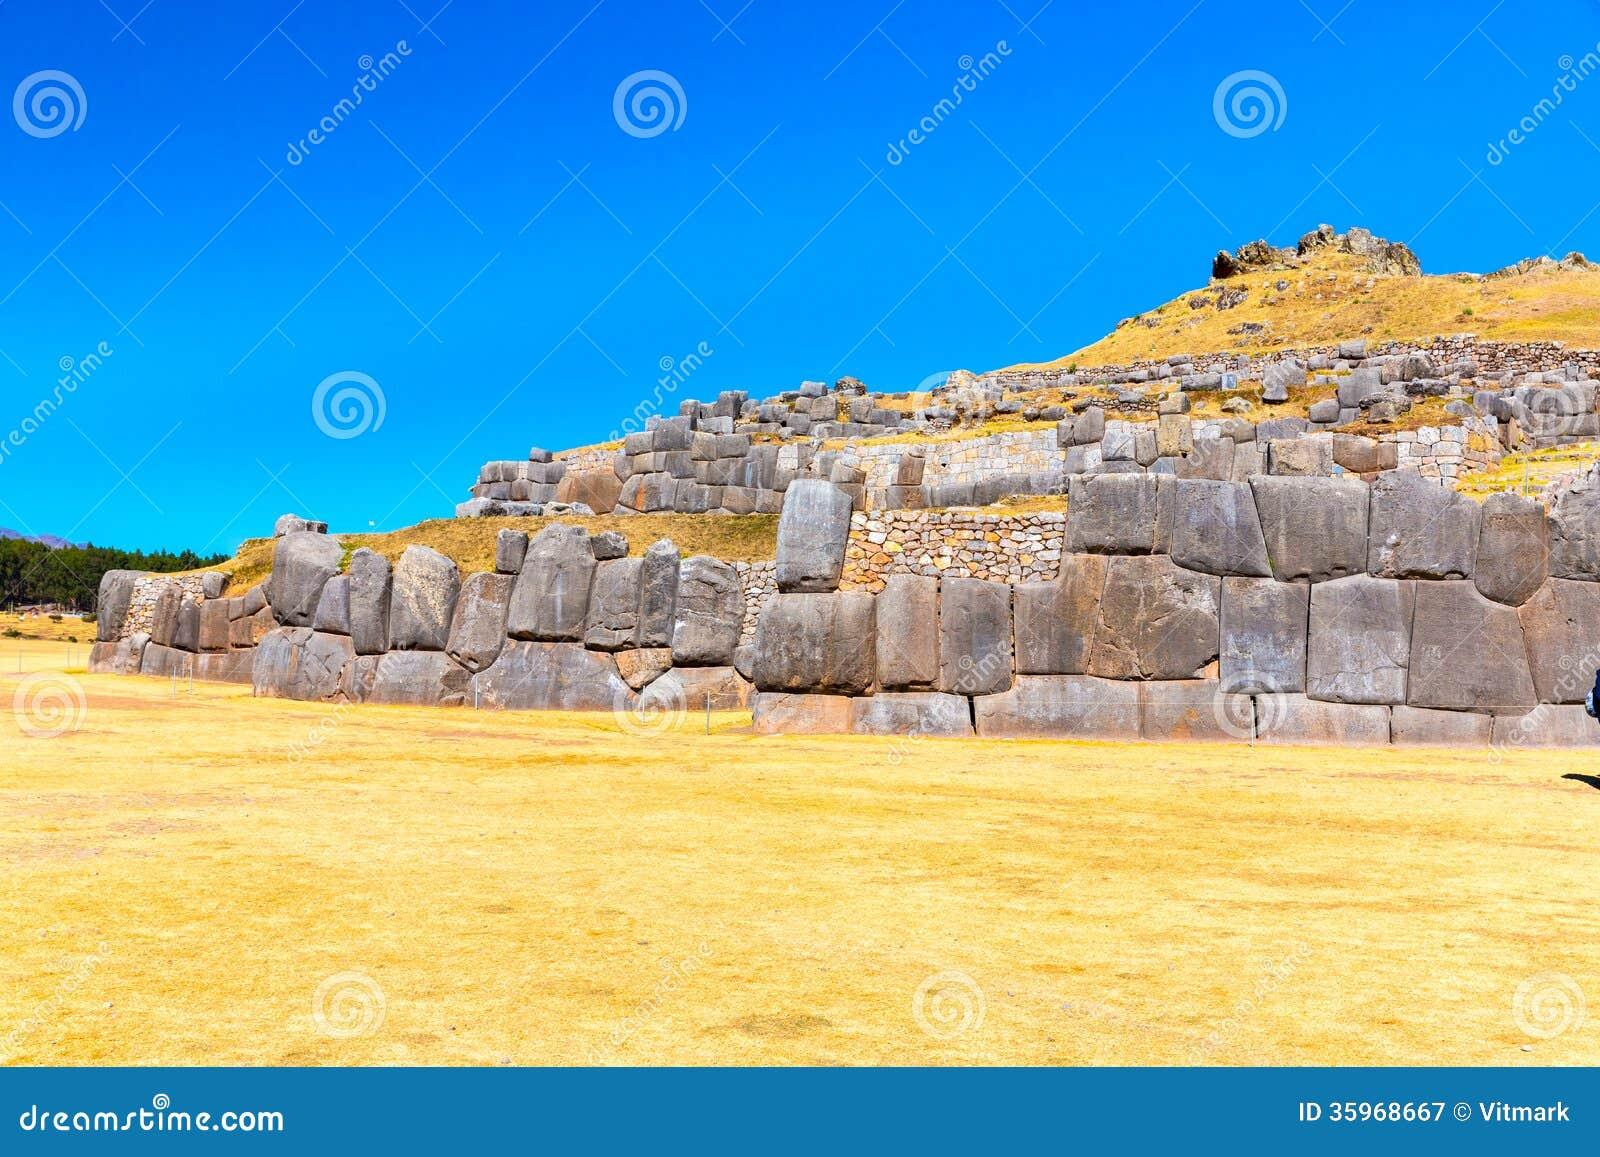 Inca Wall en SAQSAYWAMAN, Perú, Suramérica. Ejemplo de la albañilería poligonal. La piedra famosa de 32 ángulos